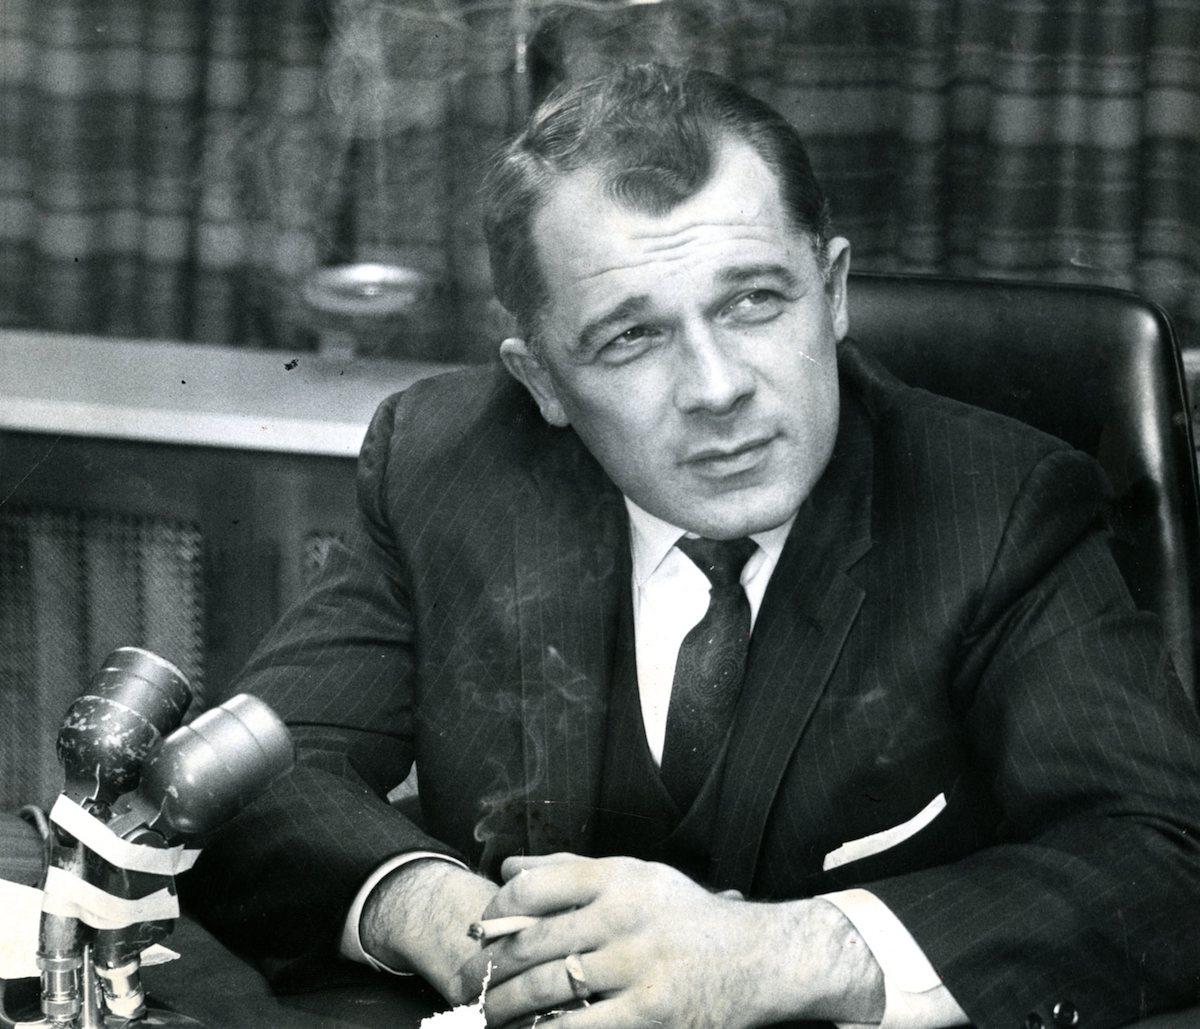 Attorney F. Lee Bailey, who represents Albert DeSalvo, the self-confessed Boston Strangler in 1967